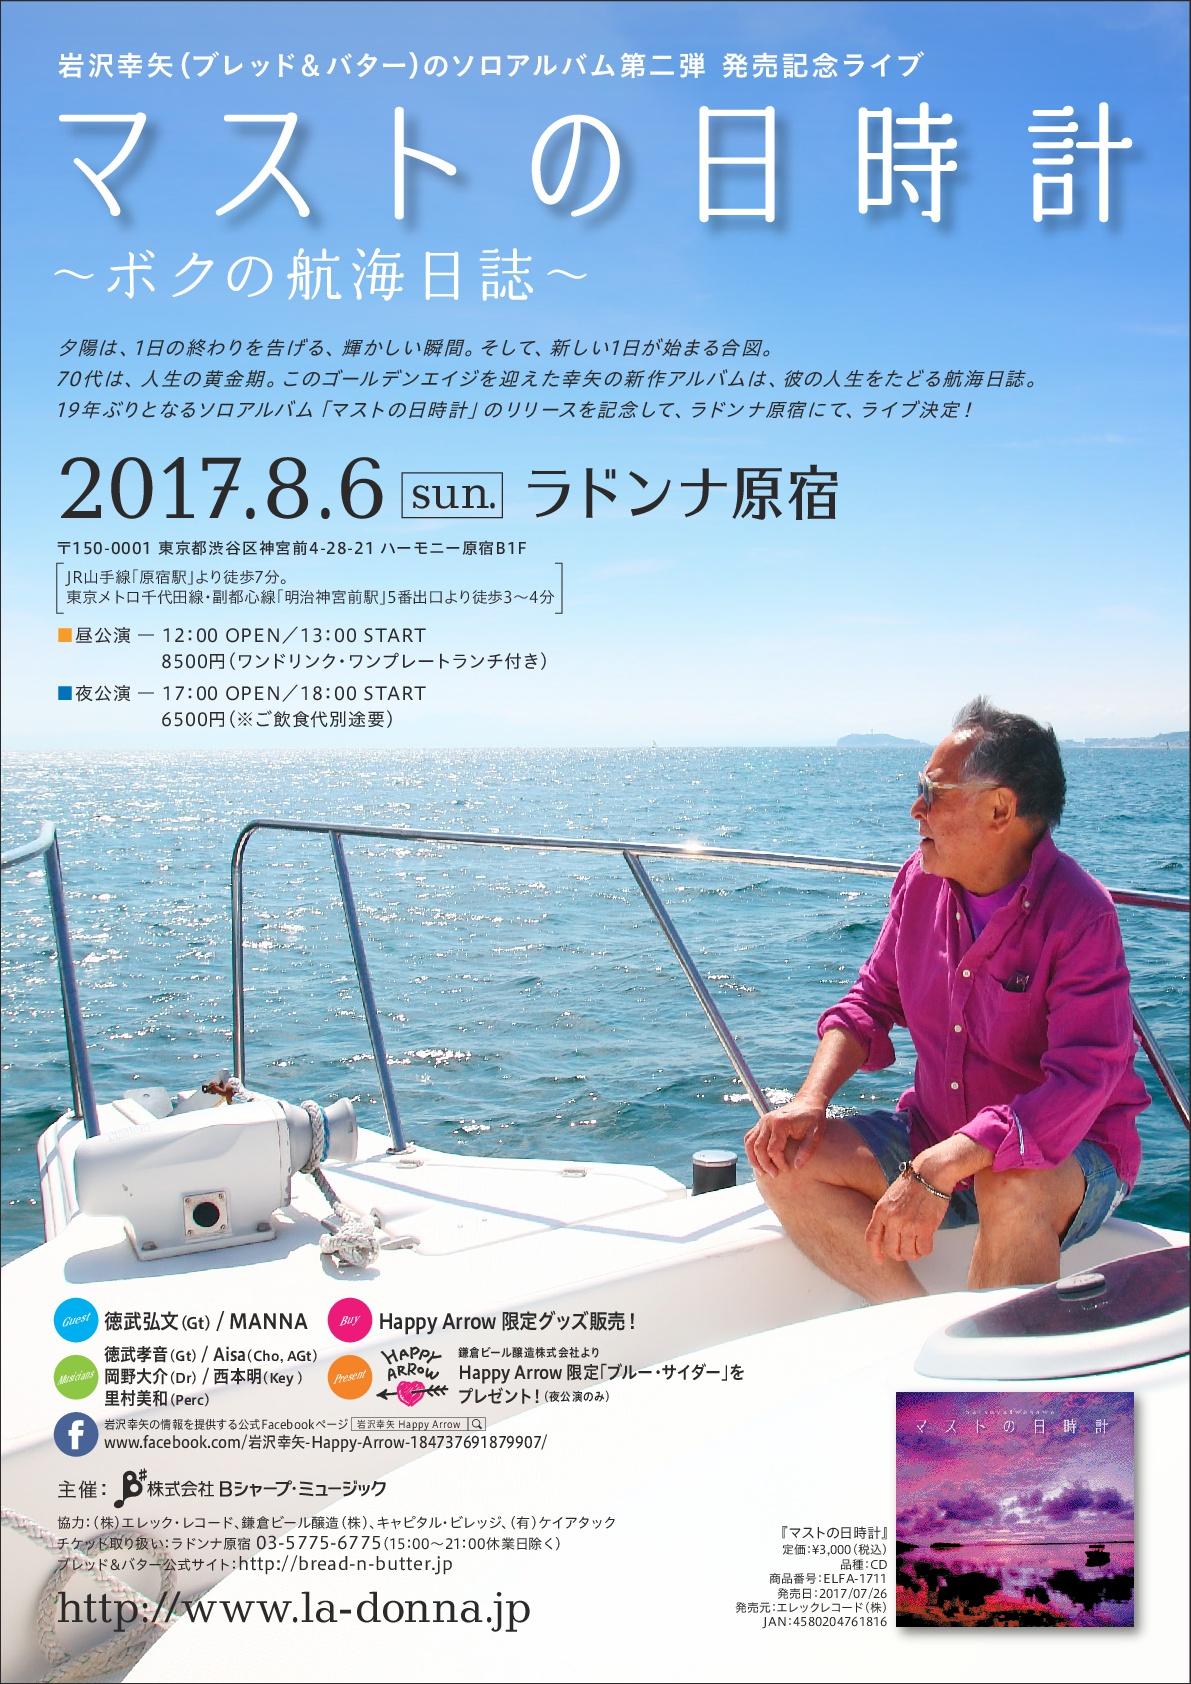 岩沢幸矢(ブレッド&バター) ソロアルバム第2弾「マストの日時計」~ボクの航海日誌~ 発売記念ライブ